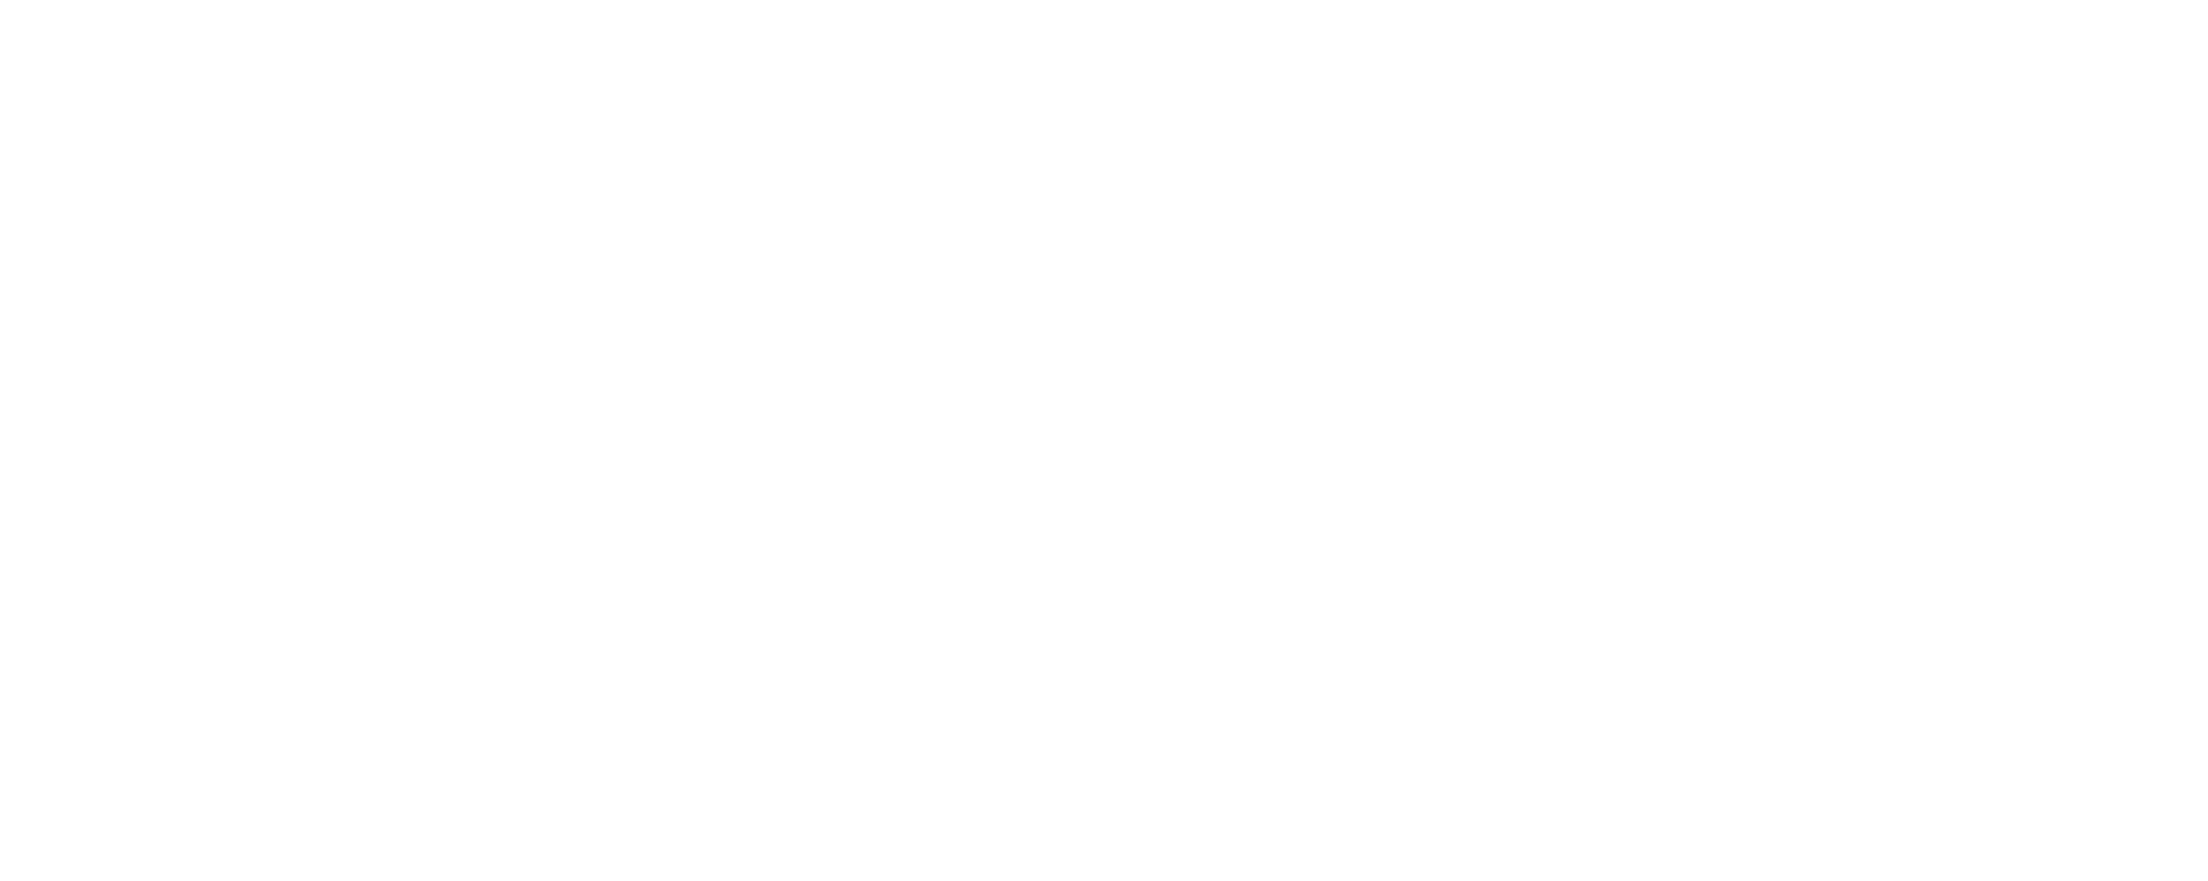 Bundesverband Verschnürungs- und Verpackungsmittel e. V.